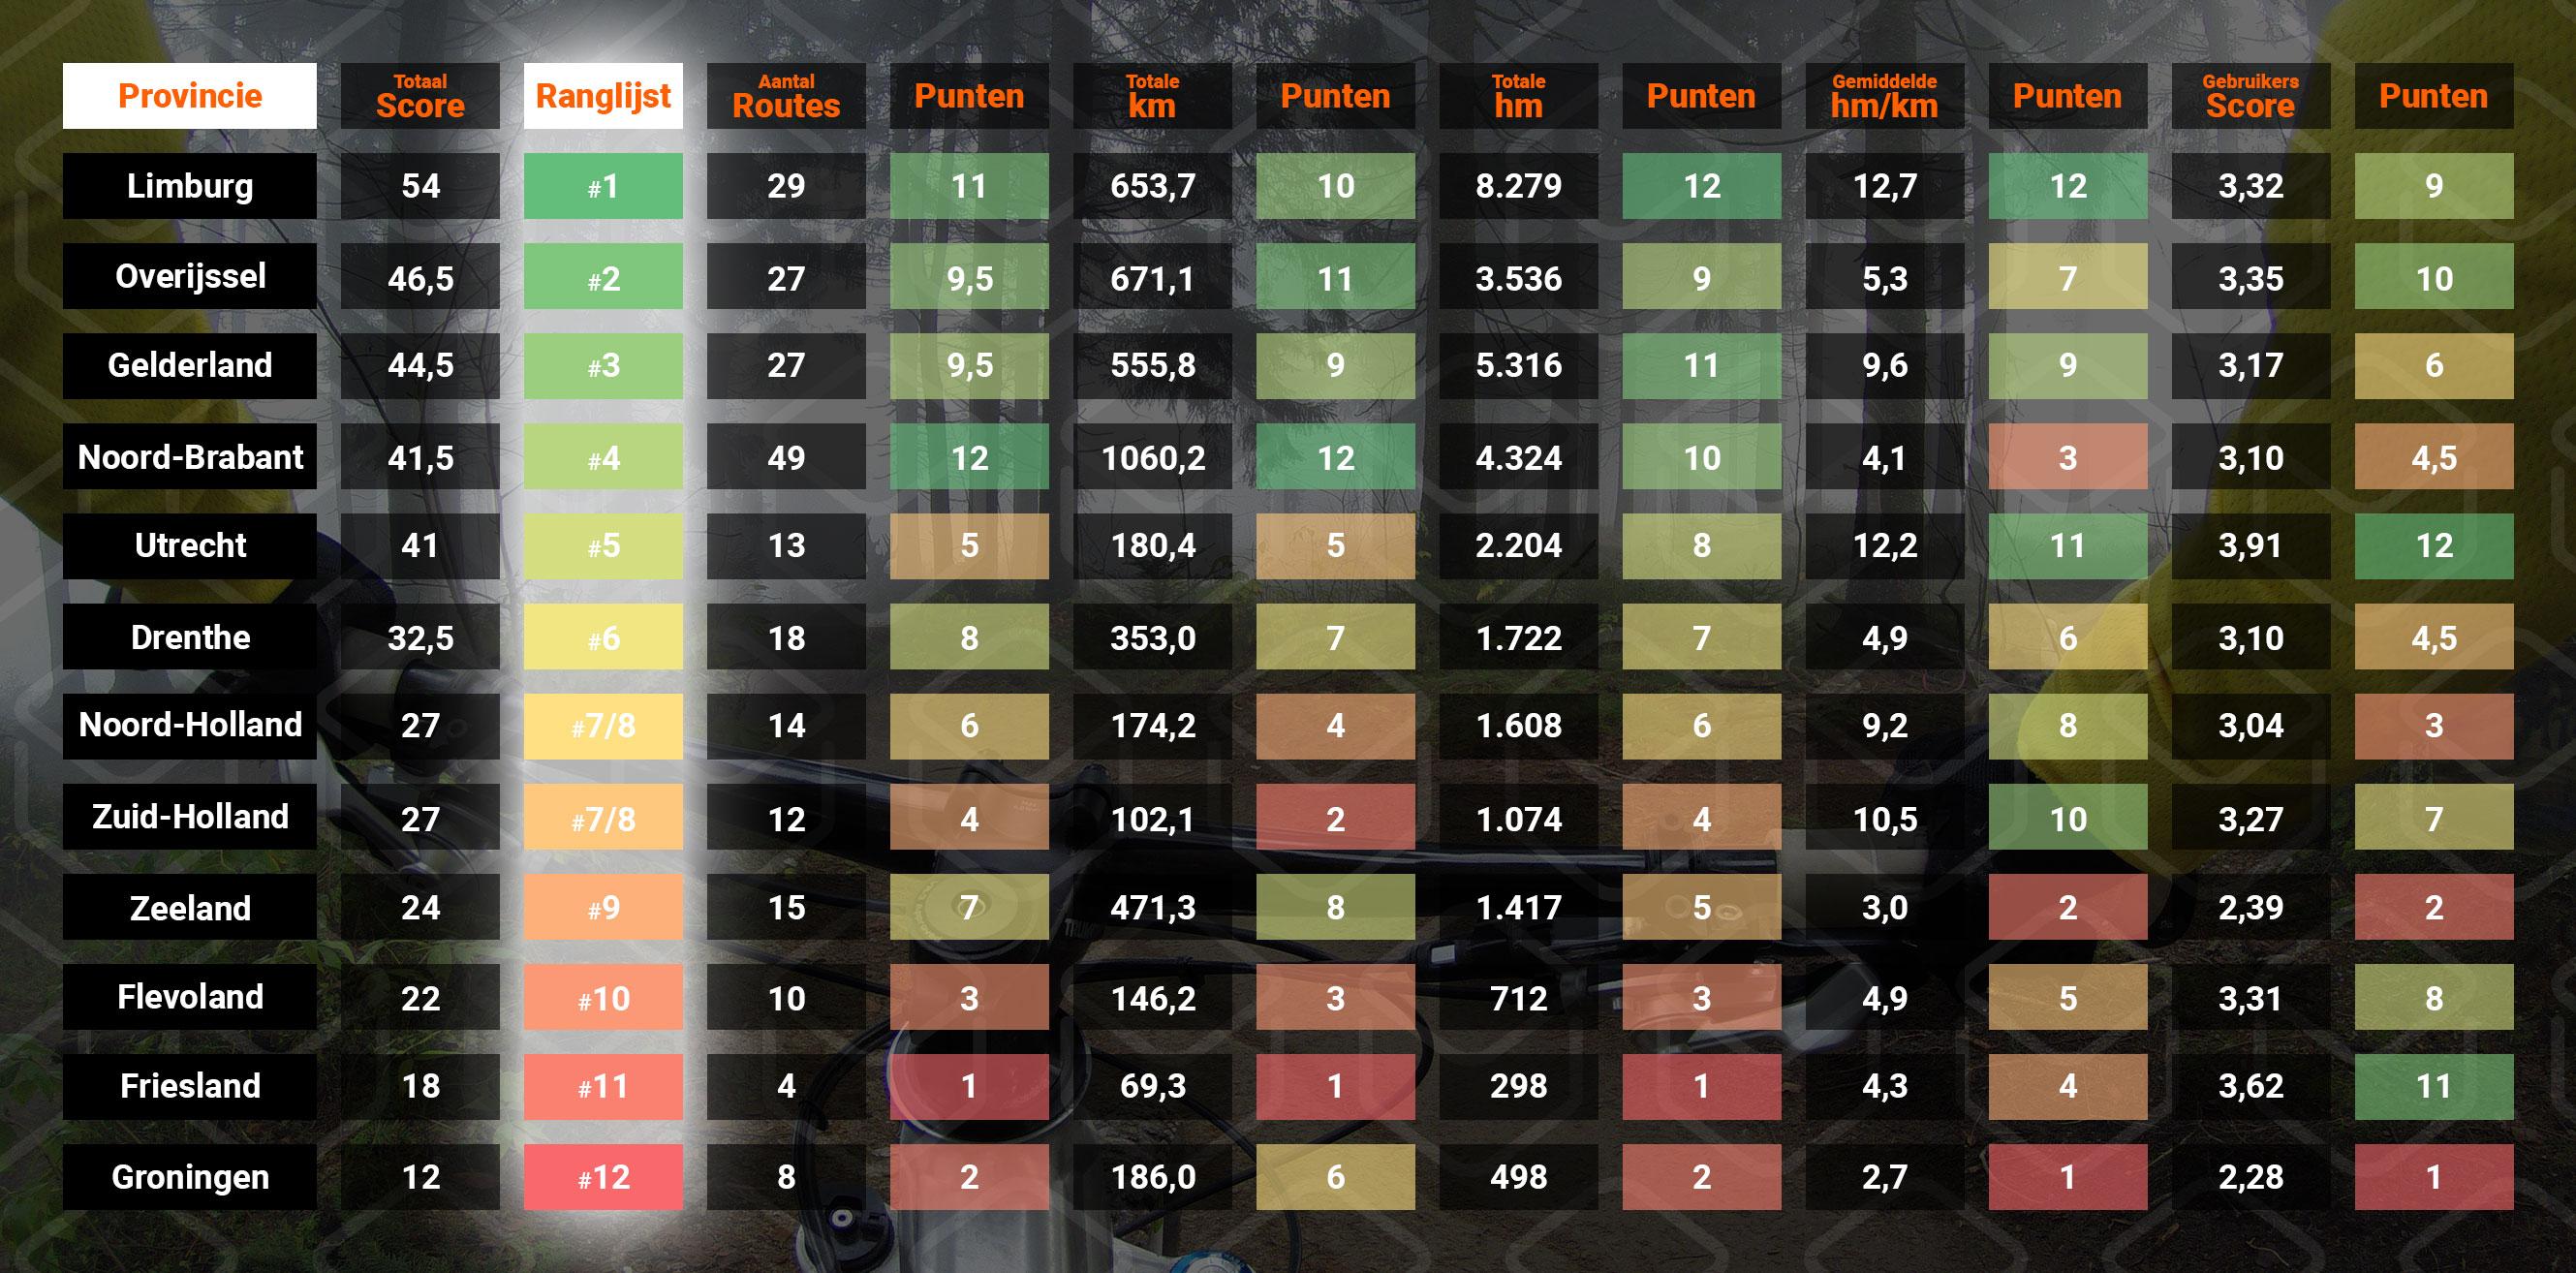 cobbles-mountainbiken-beste-mountainbikeprovincie-vergelijking-tabel